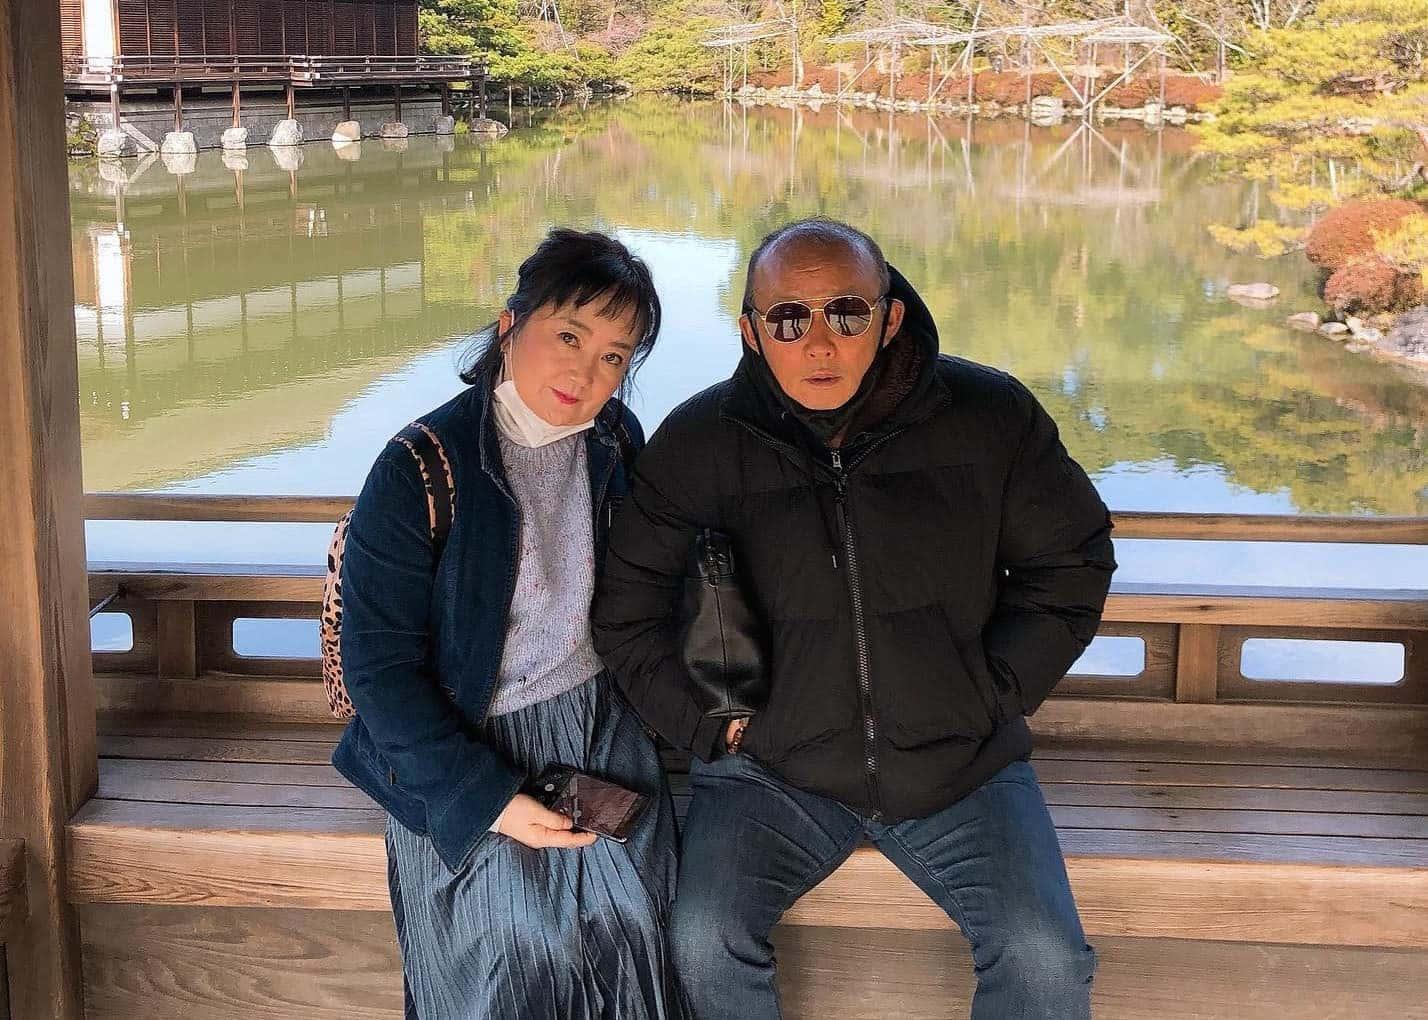 Dung nhan bà xã HLV Park Hang Seo trong ảnh cưới ngày trẻ kiêu sa, có tuổi càng kiều diễm - 4